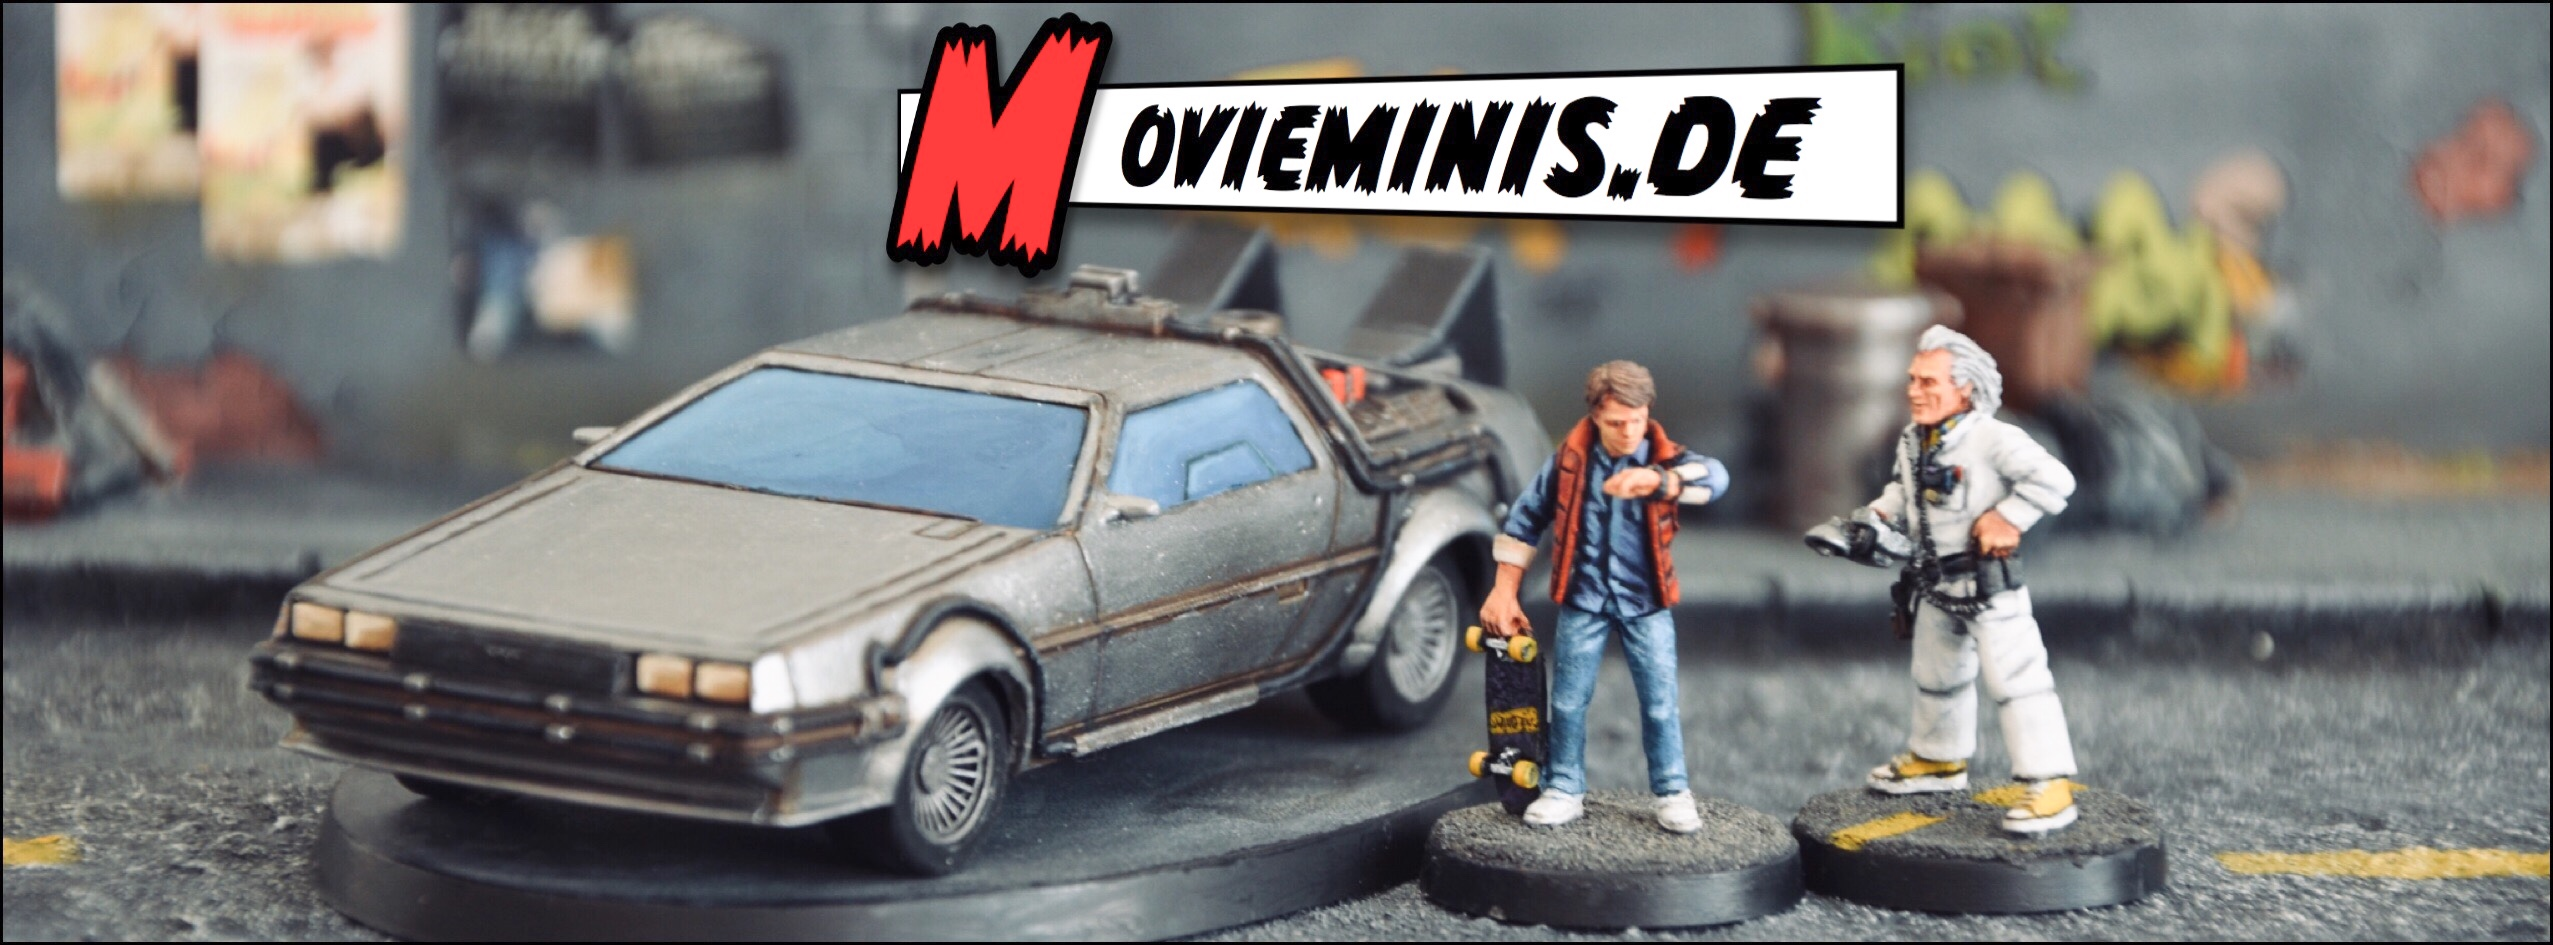 movieminis.de